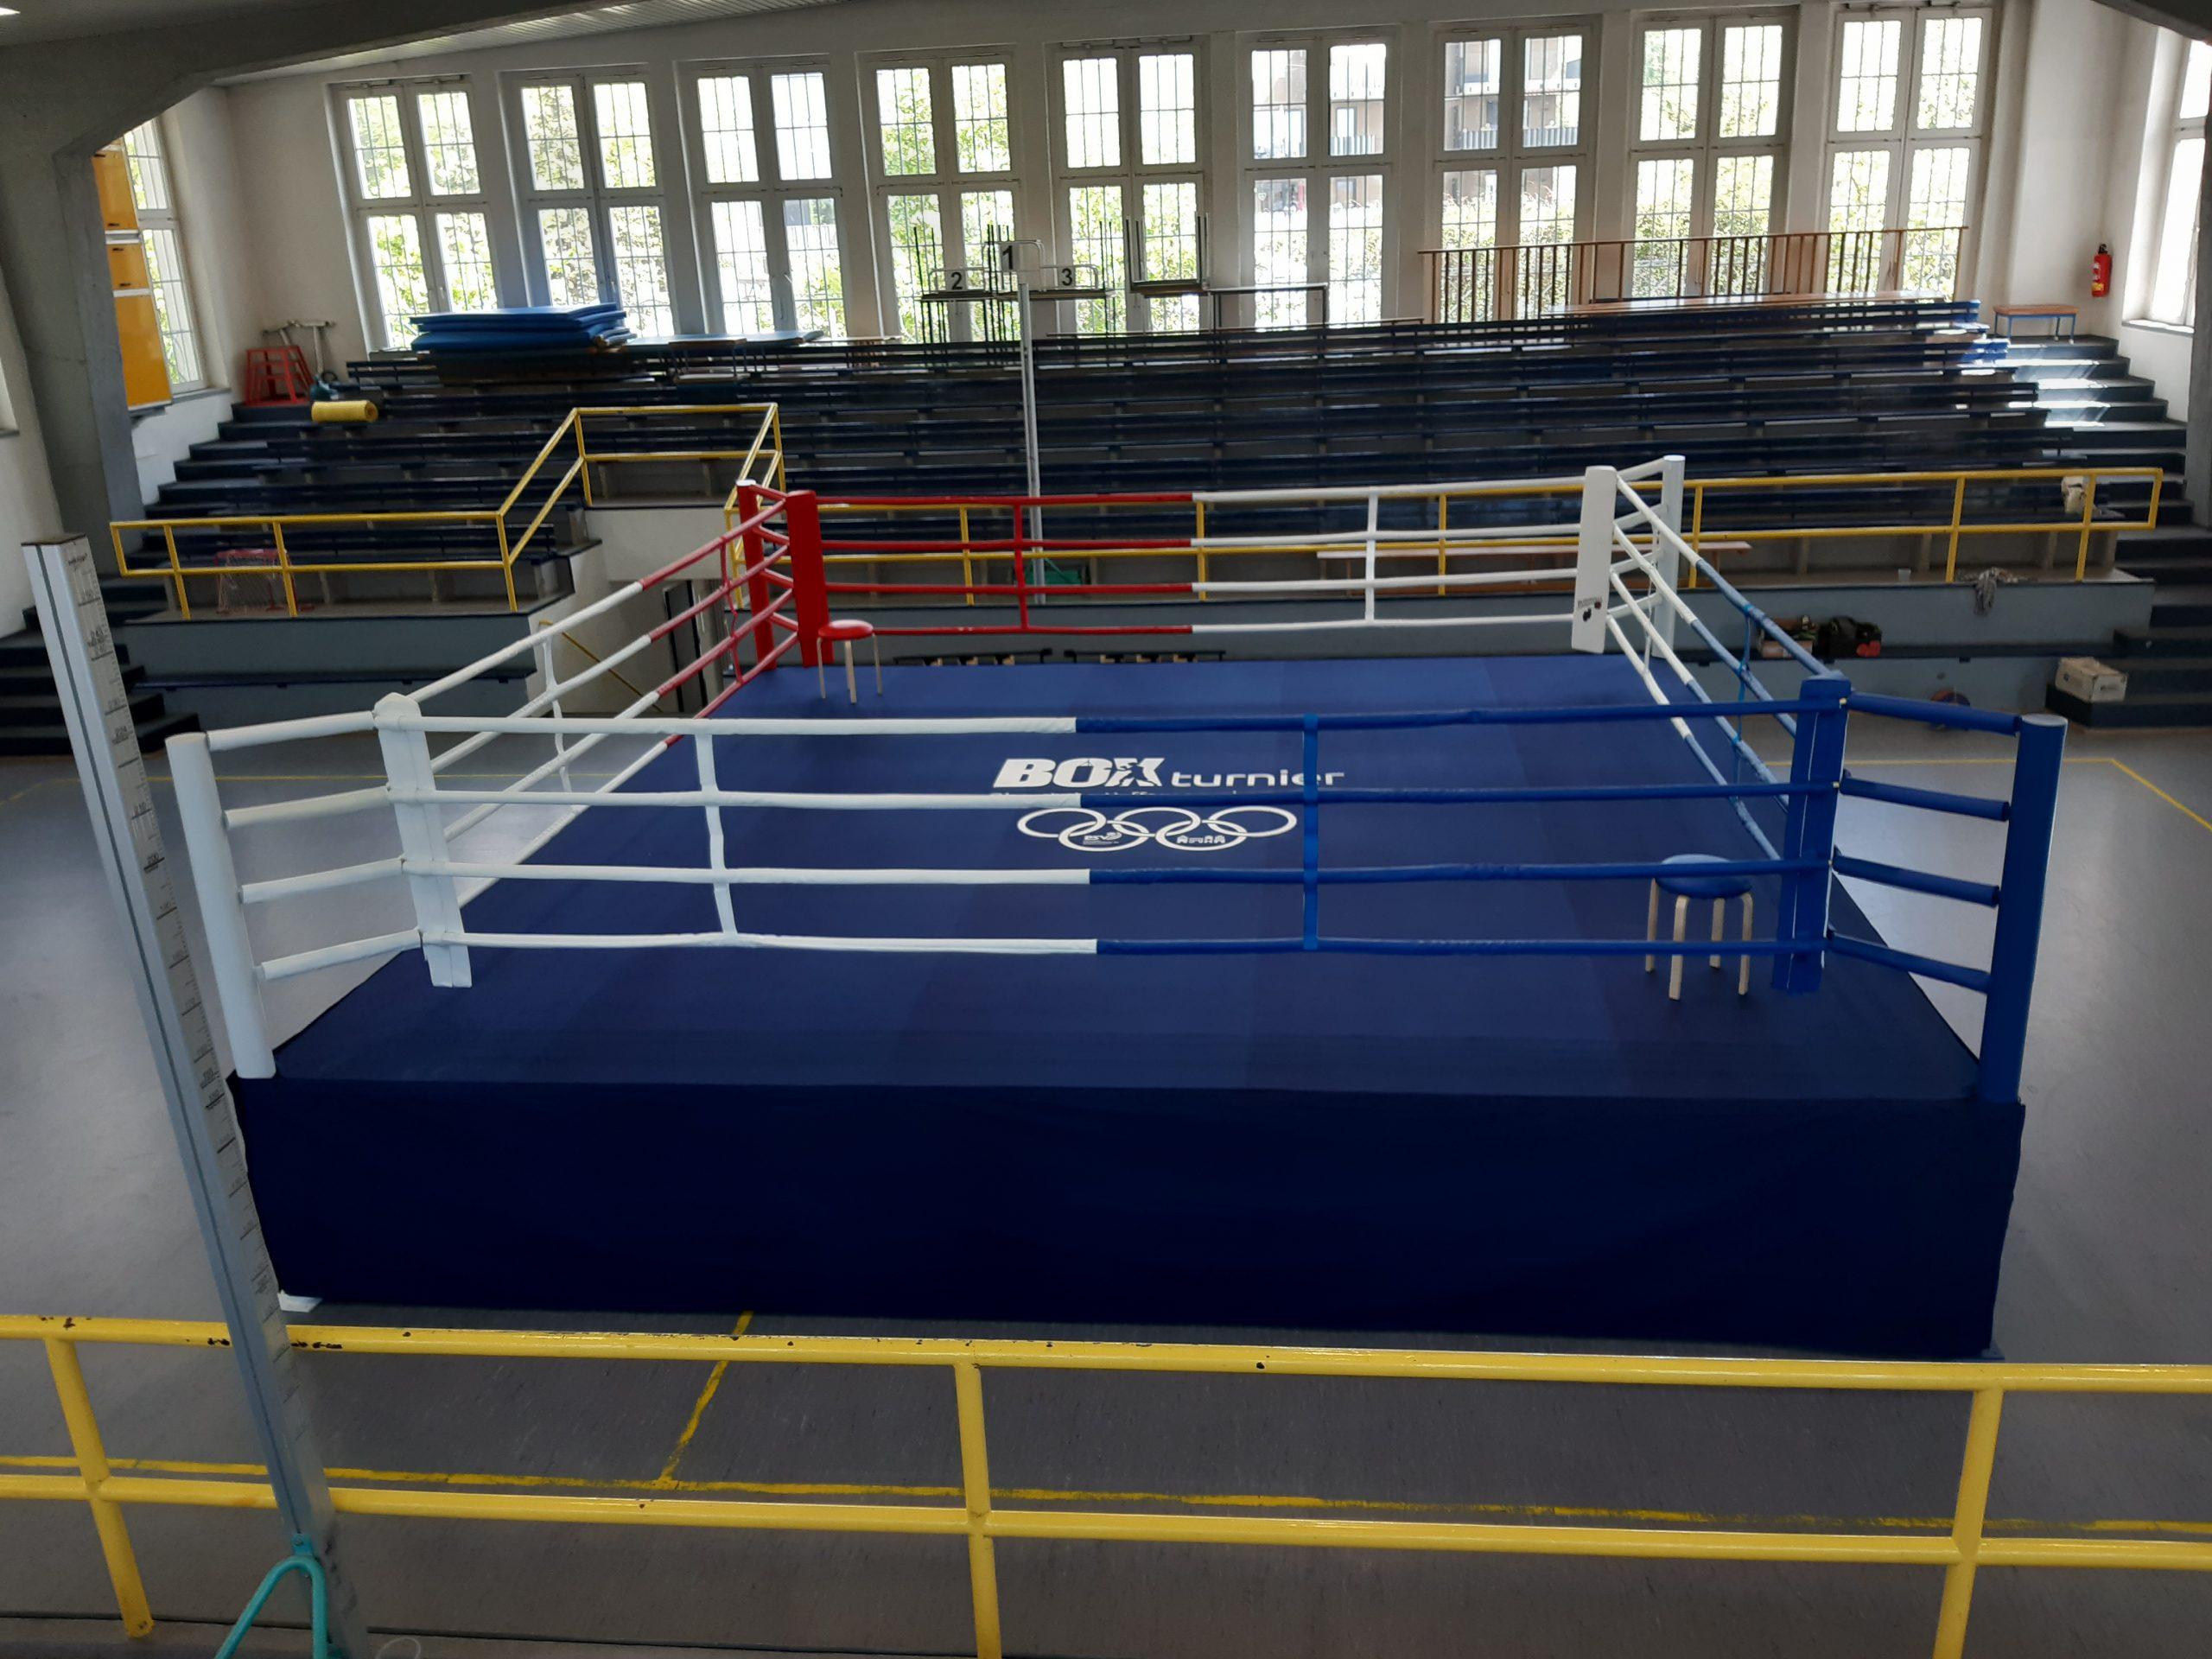 Boxhochring Neubrandenburg